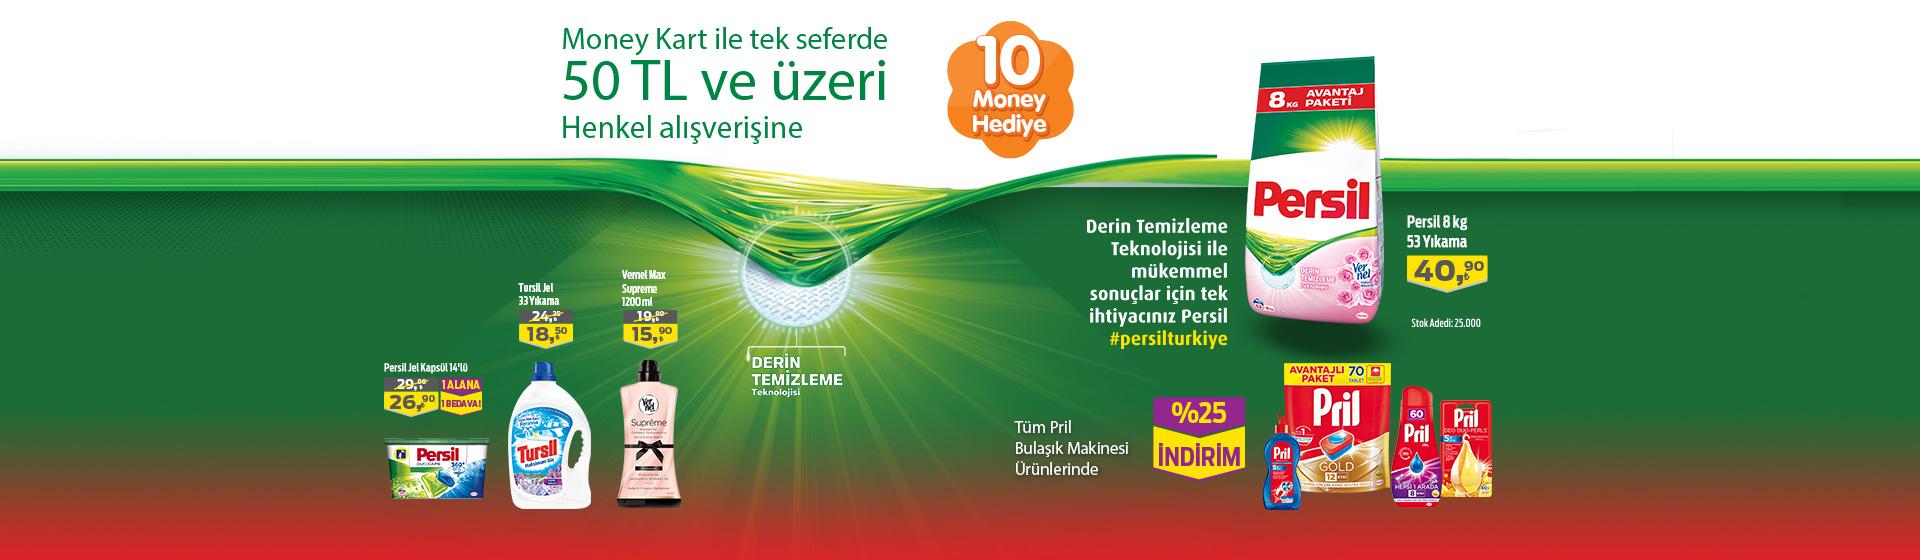 Henkel Money Kampanyası